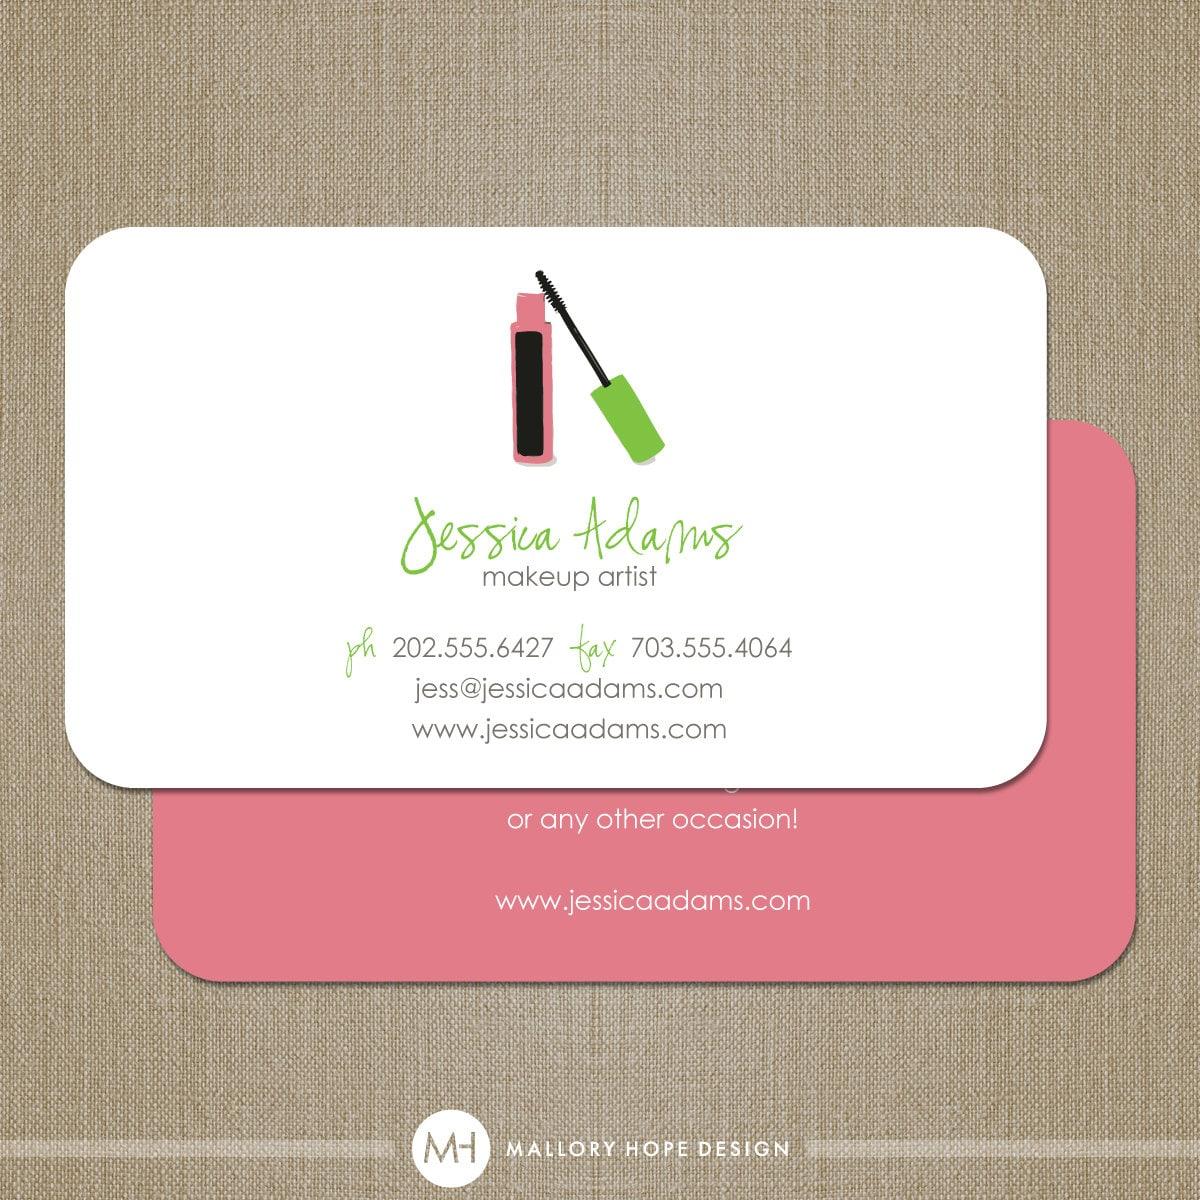 Unique Makeup Artist Business Cards Makeup artist or generalUnique Makeup Artist Business Cards